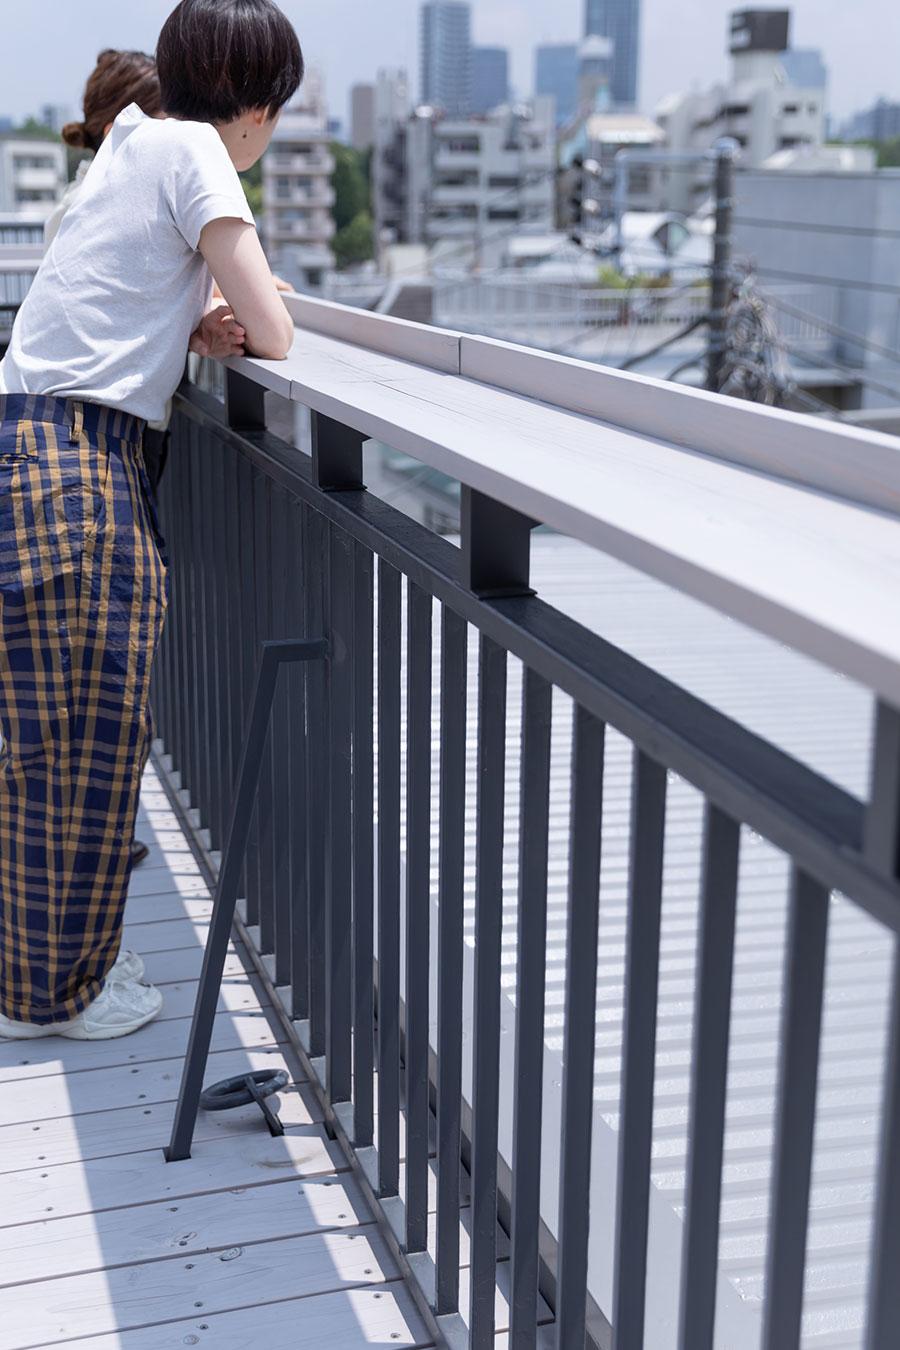 リノベーションの際、屋上の手すりの上に幅広の板を渡し、くつろぎのスペースに。